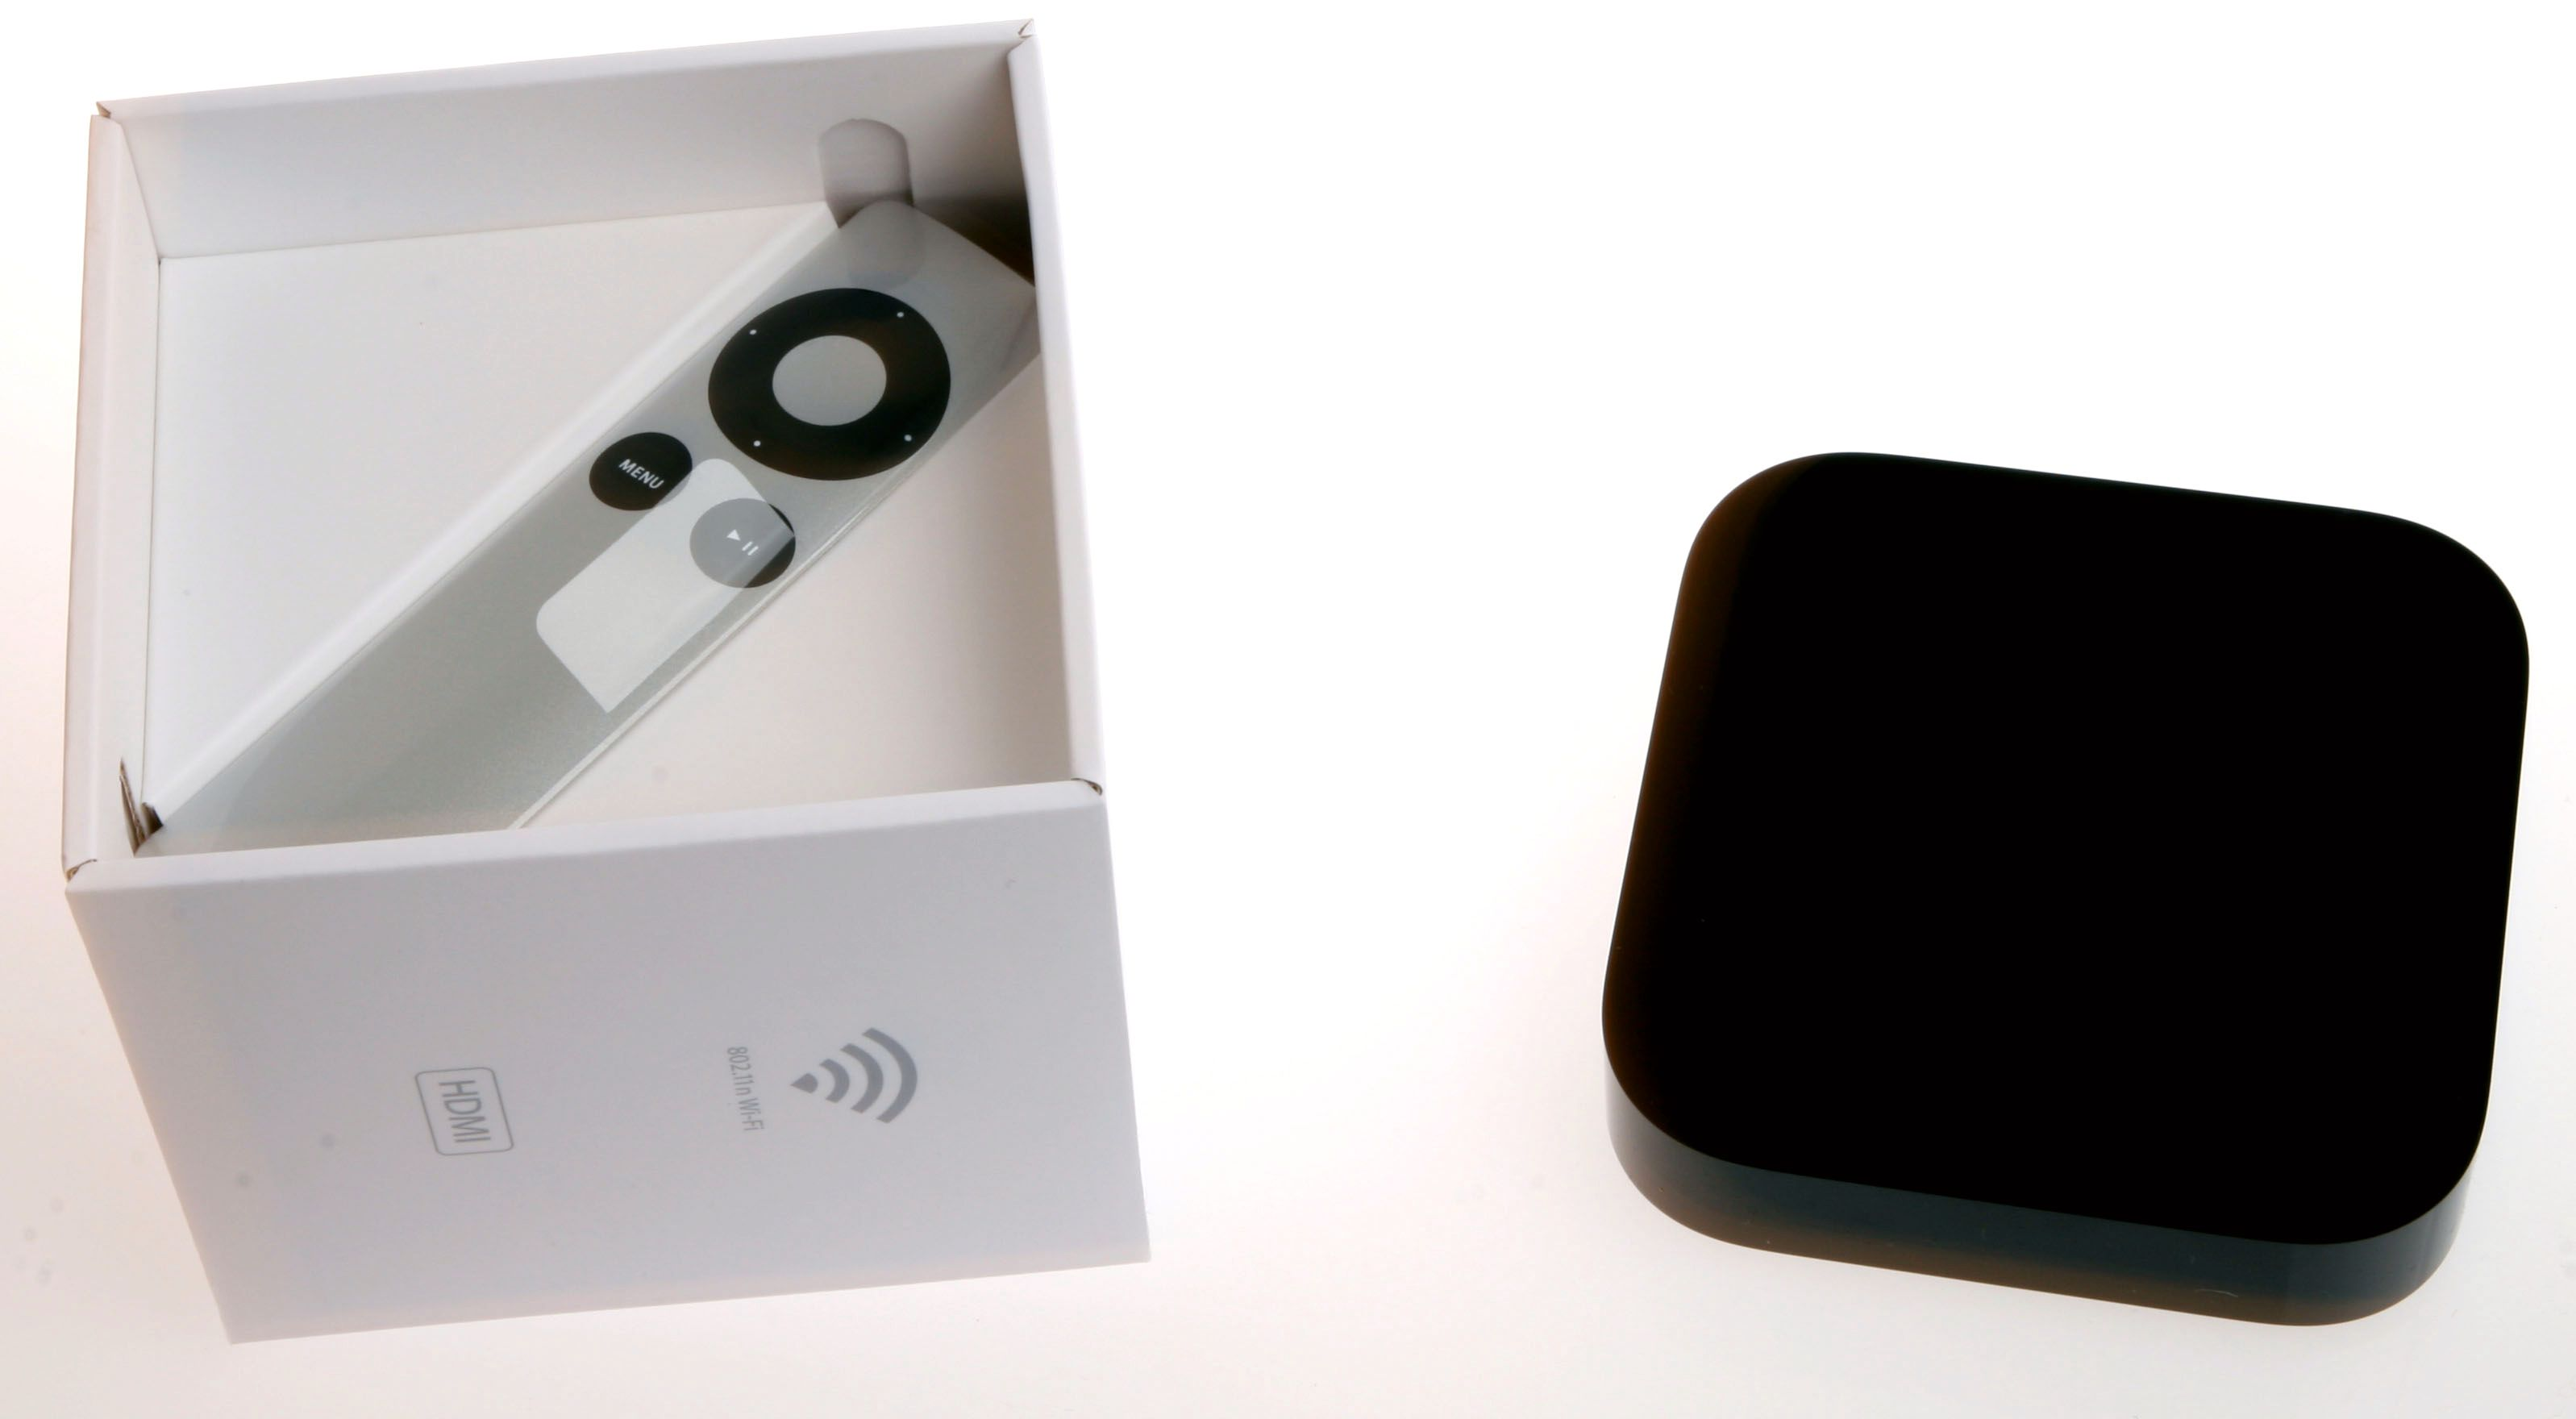 Apple vet hvordan de skal pakke inn ting. Apple TV-en kom i en lekker liten boks, med en fjernkontroll, strømkabel og en bruksanvisning tett pakket sammen i den lille papirboksen.